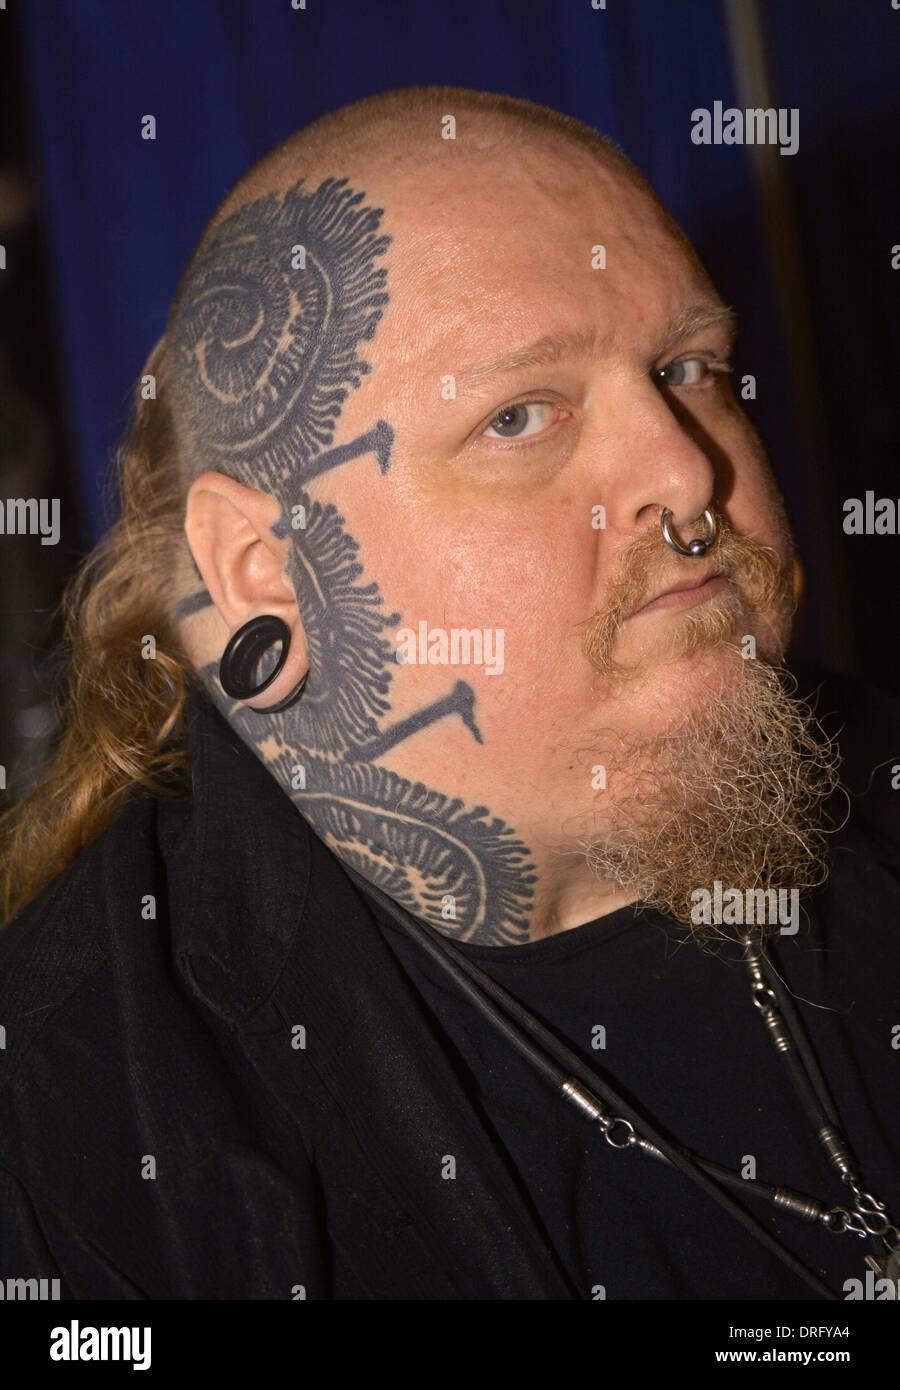 Paul Booth Un Homme Avec Des Tatouages Visage A La 16e Convention